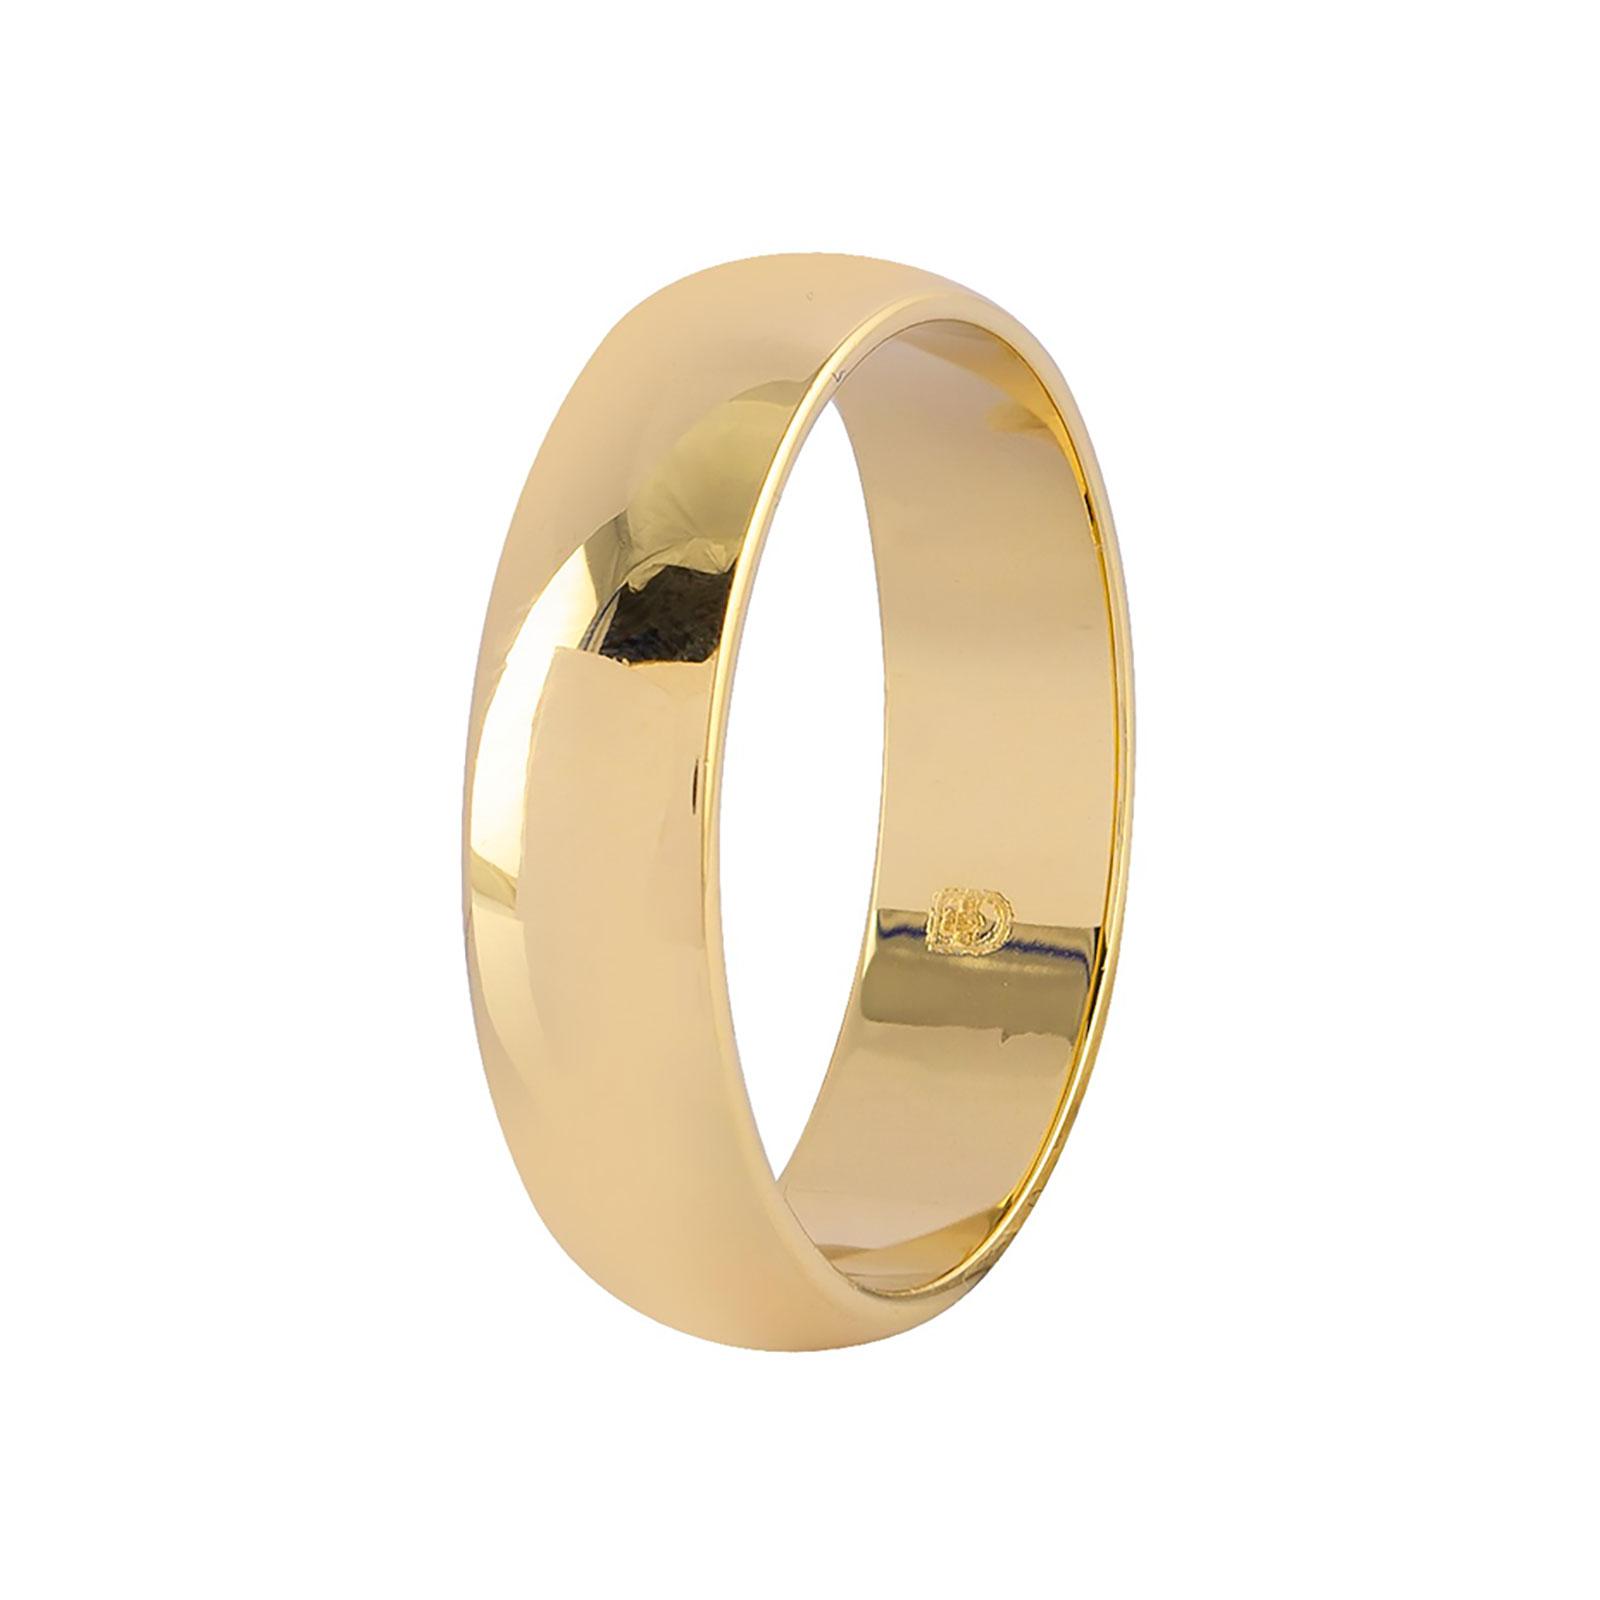 Guldpläterad ring - slät 5 mm bred